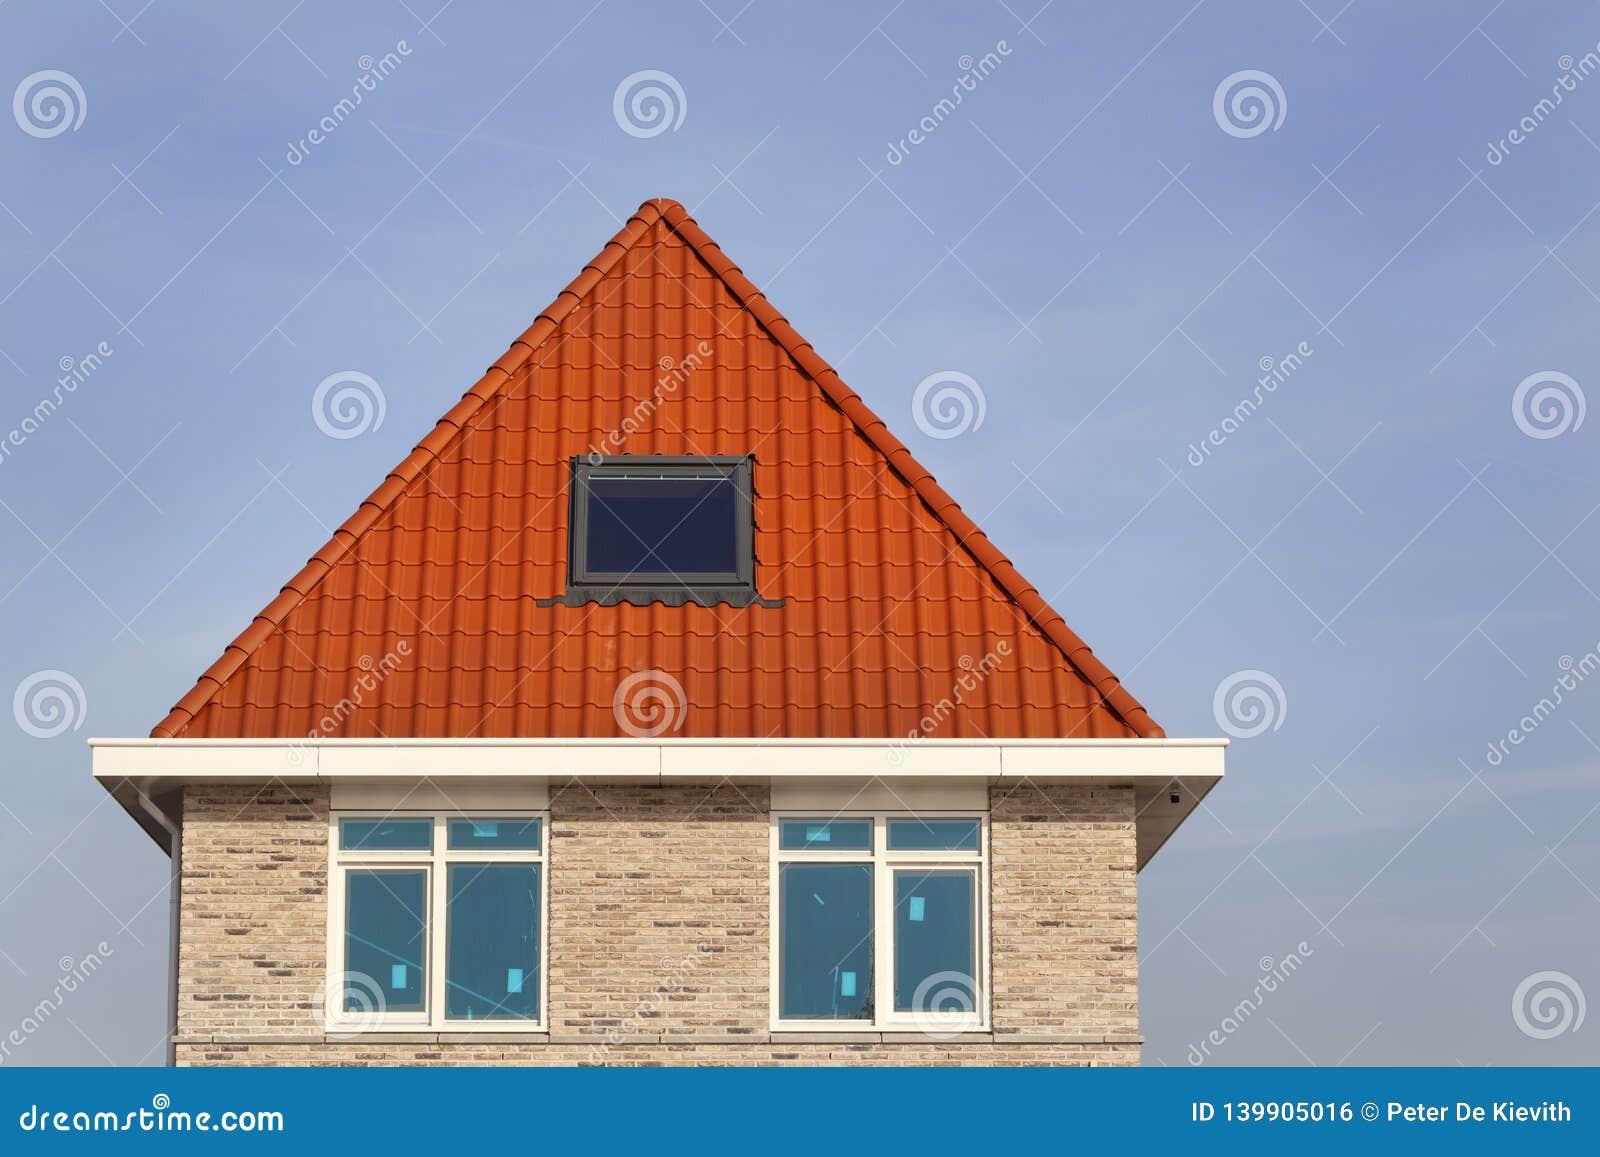 Neues errichtetes Haus in den Niederlanden